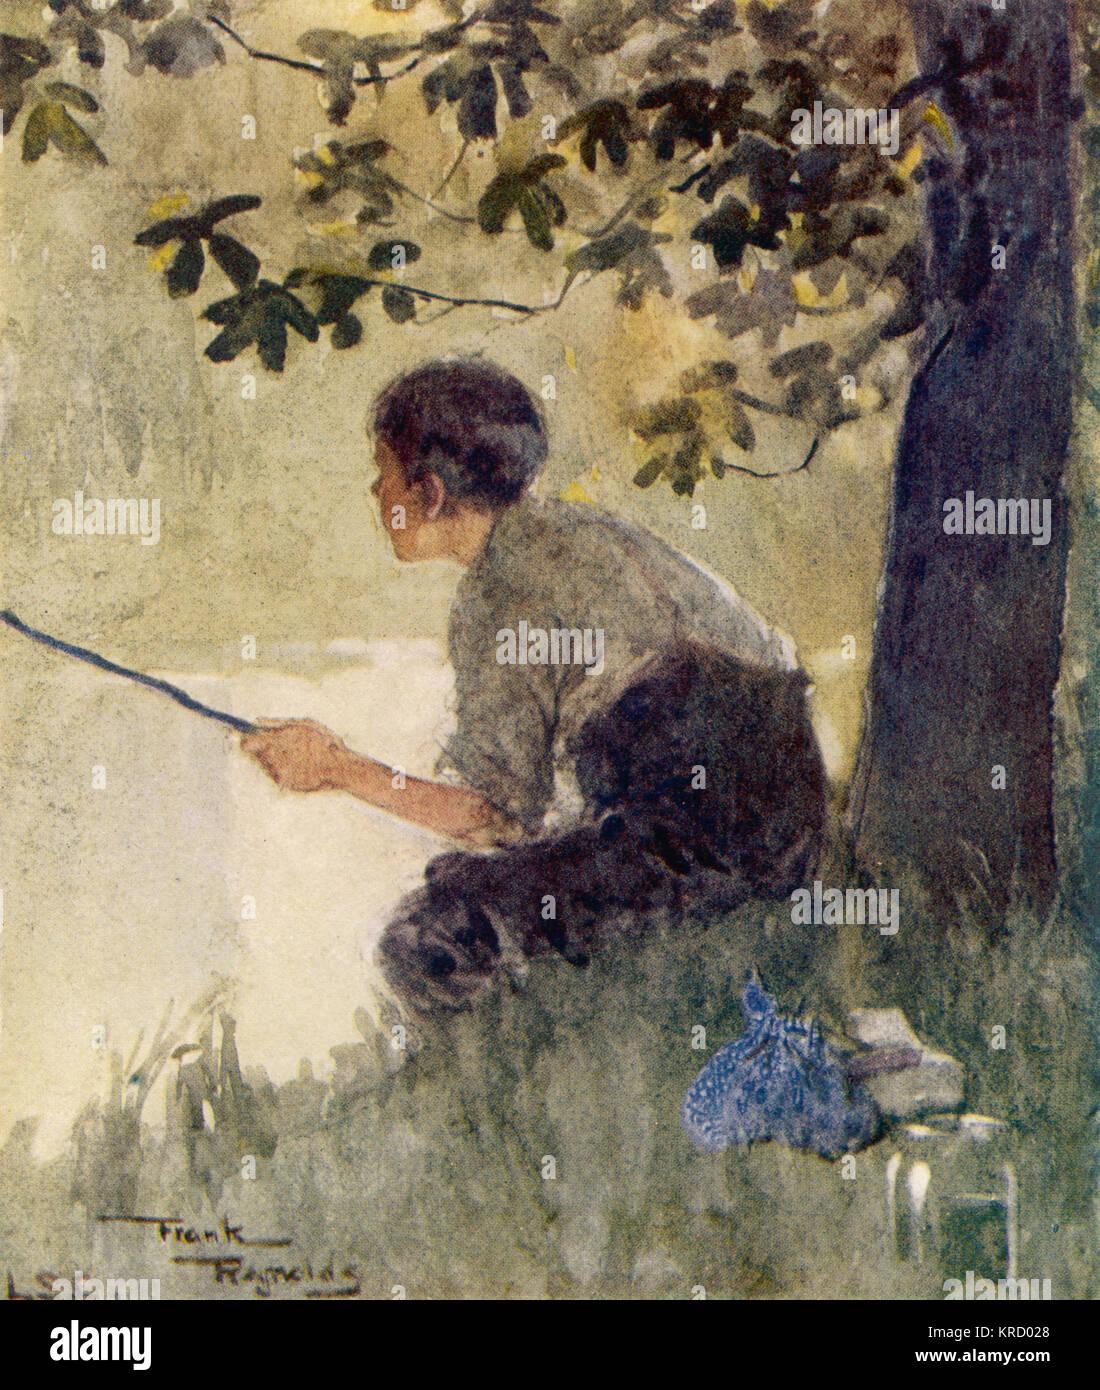 Ein kleiner Junge sitzt friedlich Angeln. Datum: C 1915 Stockbild